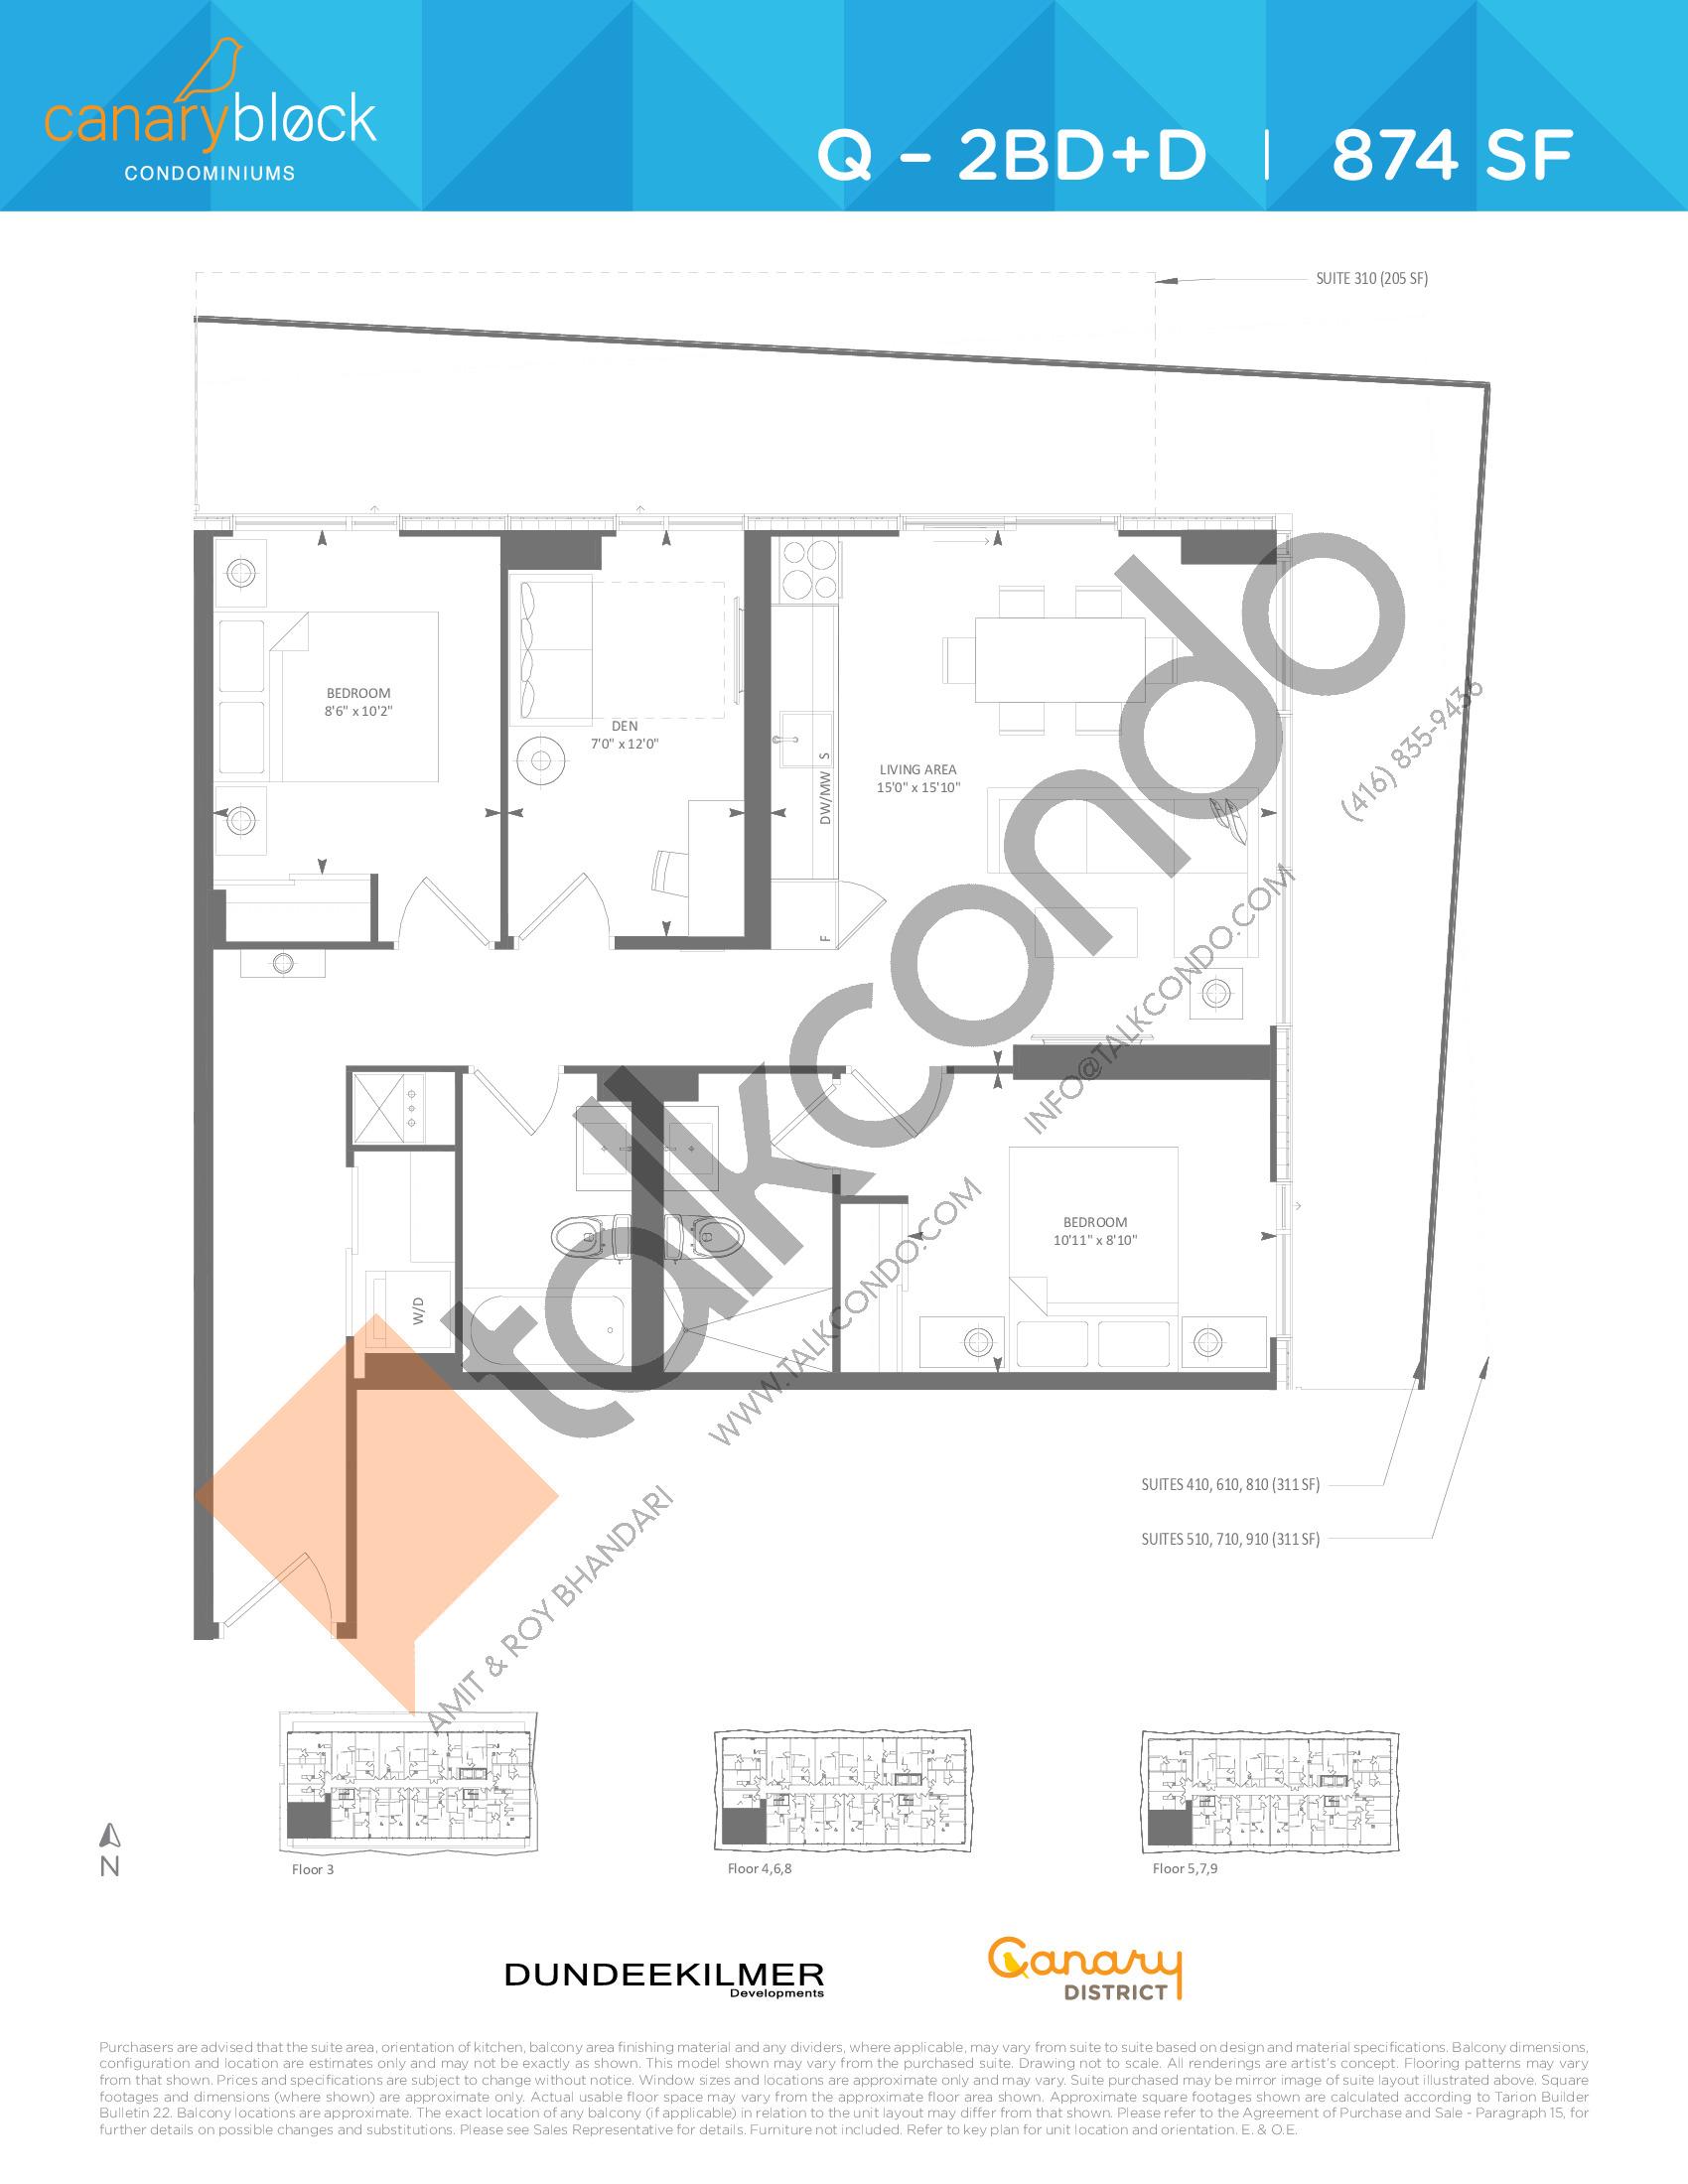 Q - 2BD+D Floor Plan at Canary Block Condos - 874 sq.ft